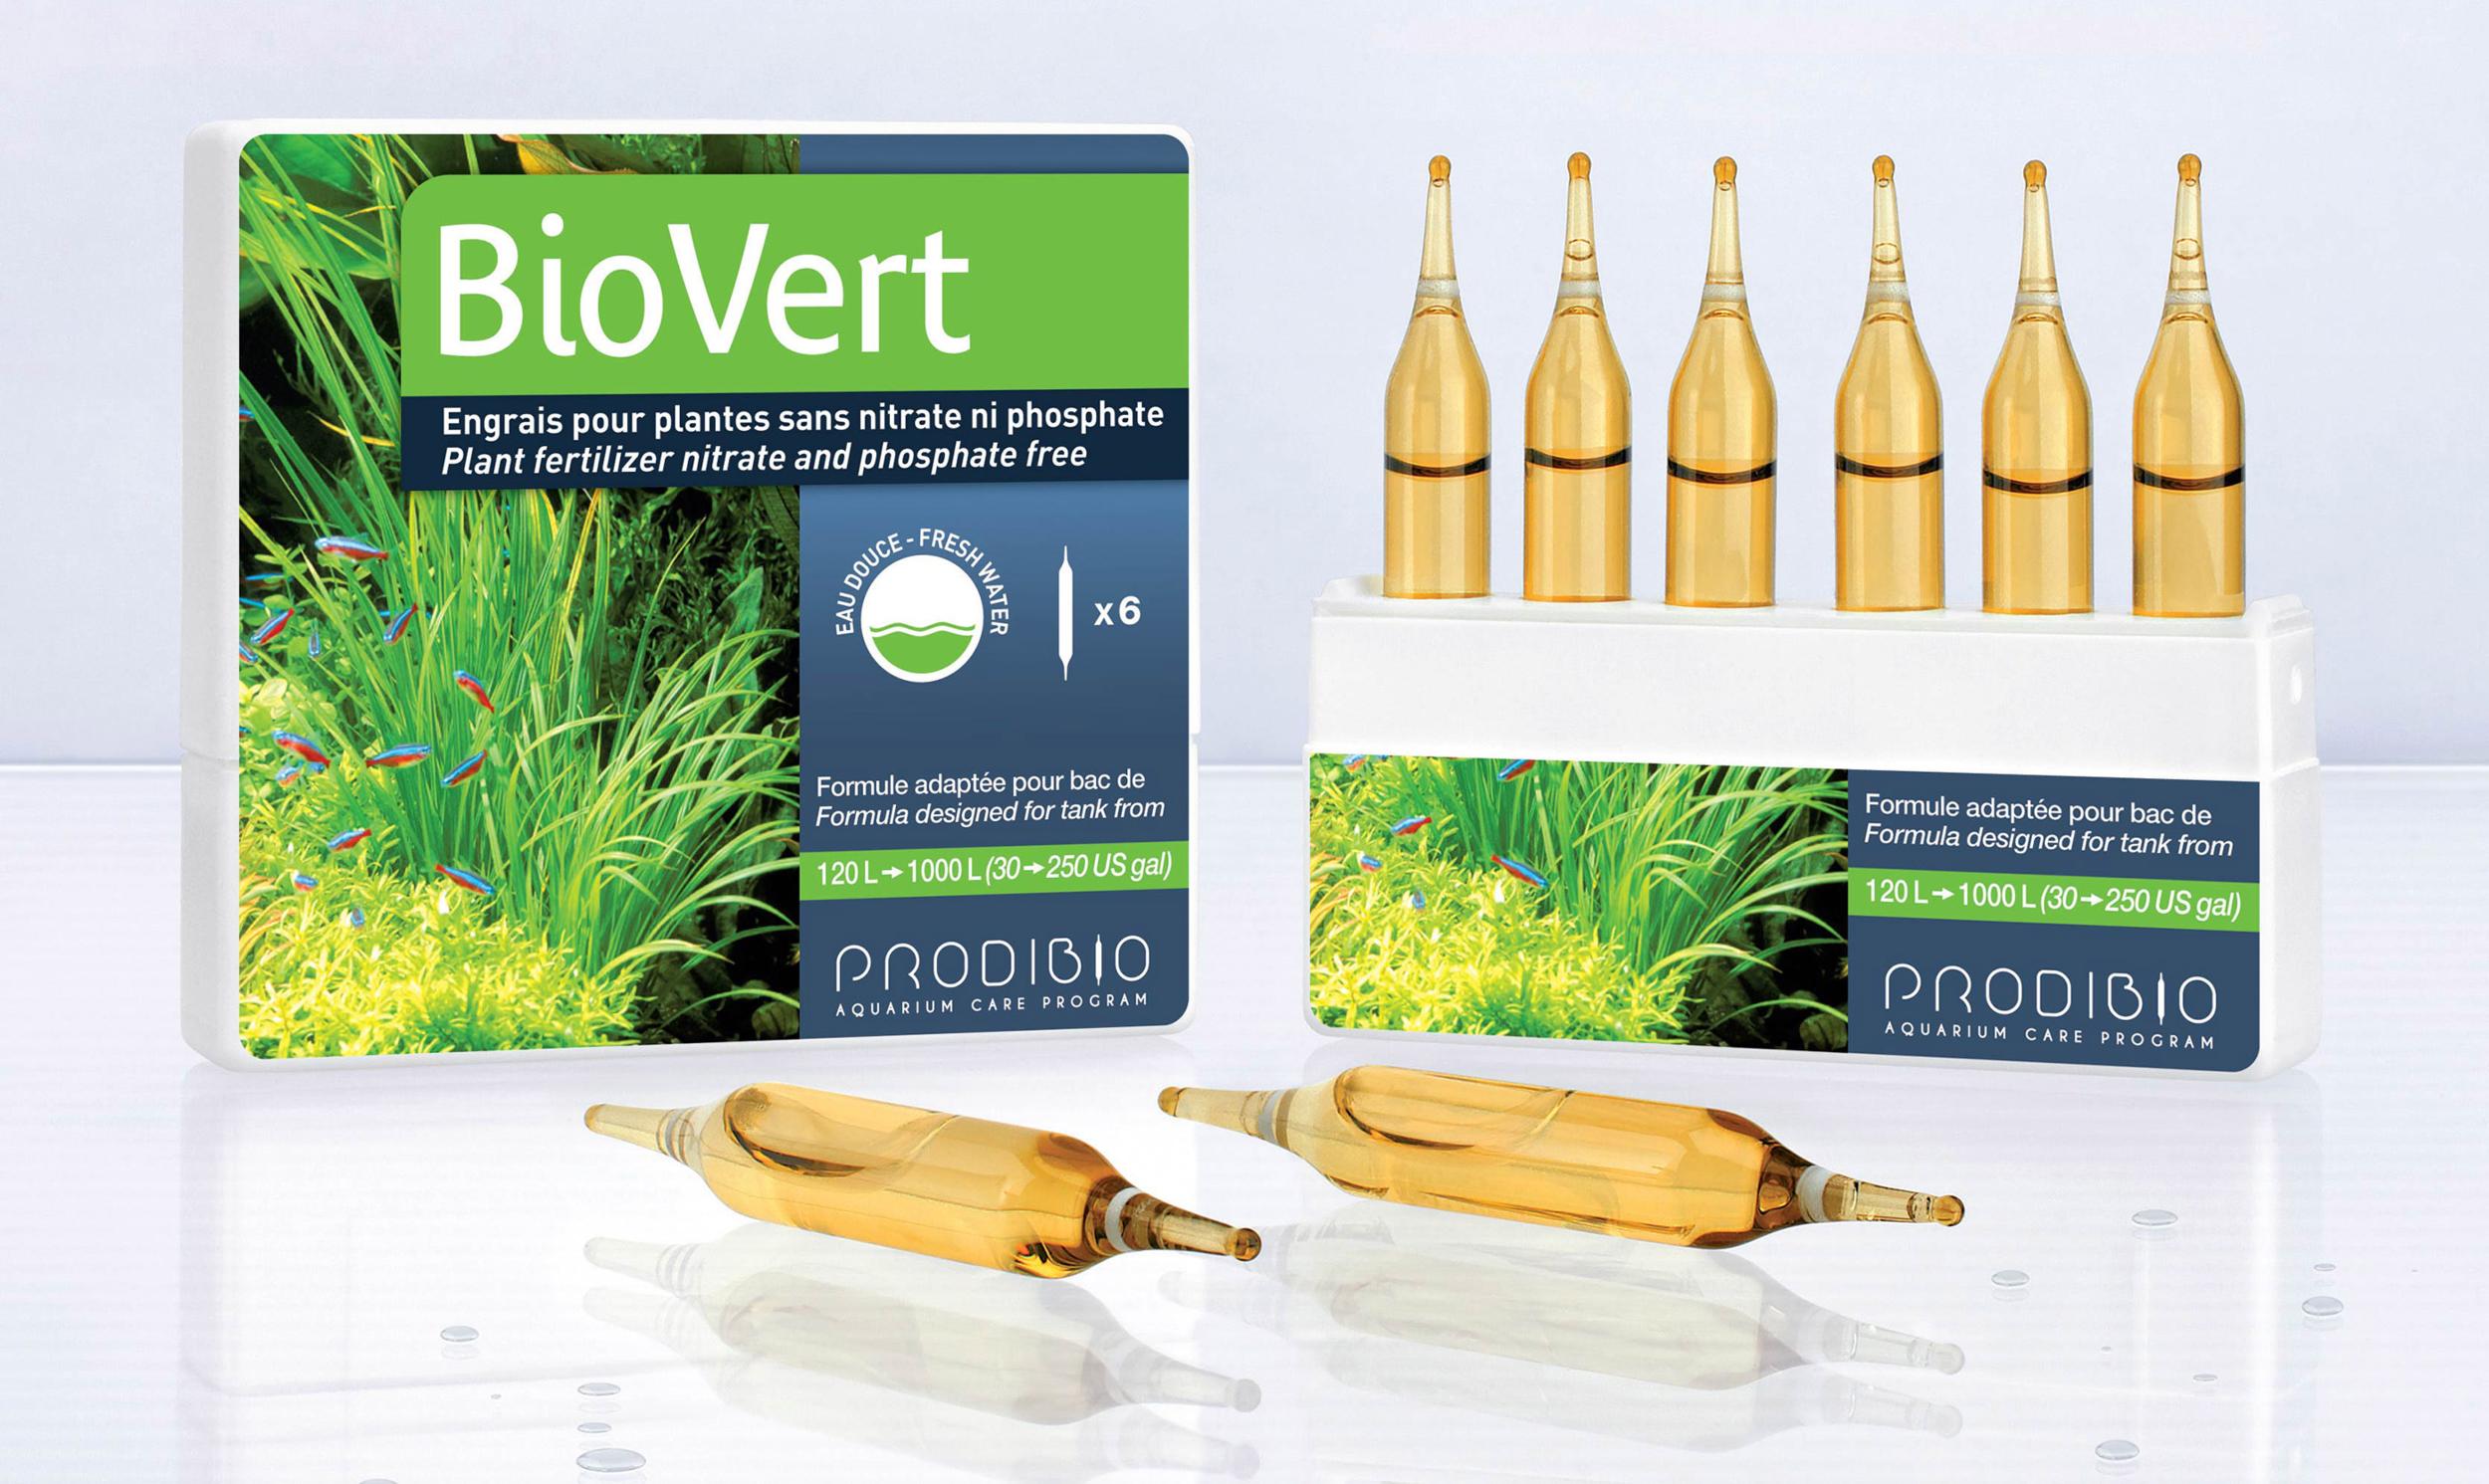 biovert_-_6_-_prodibio